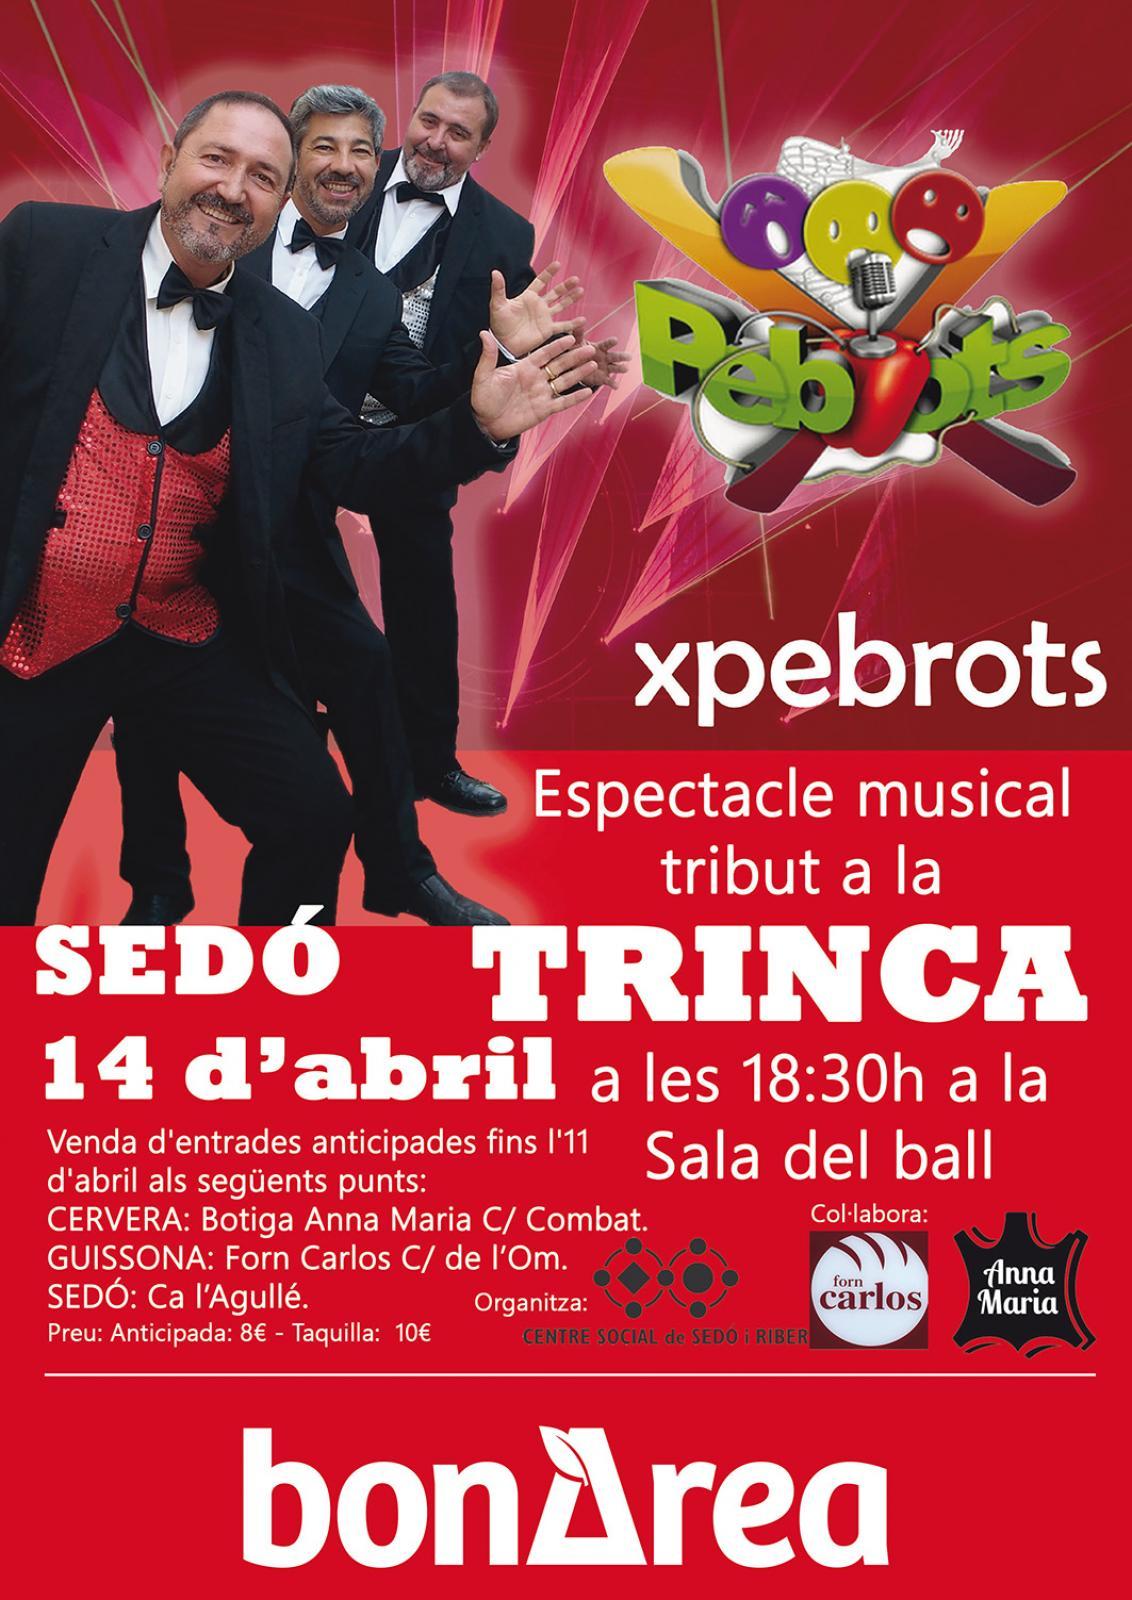 Xpebrots, Musical Tribut a la Trinca